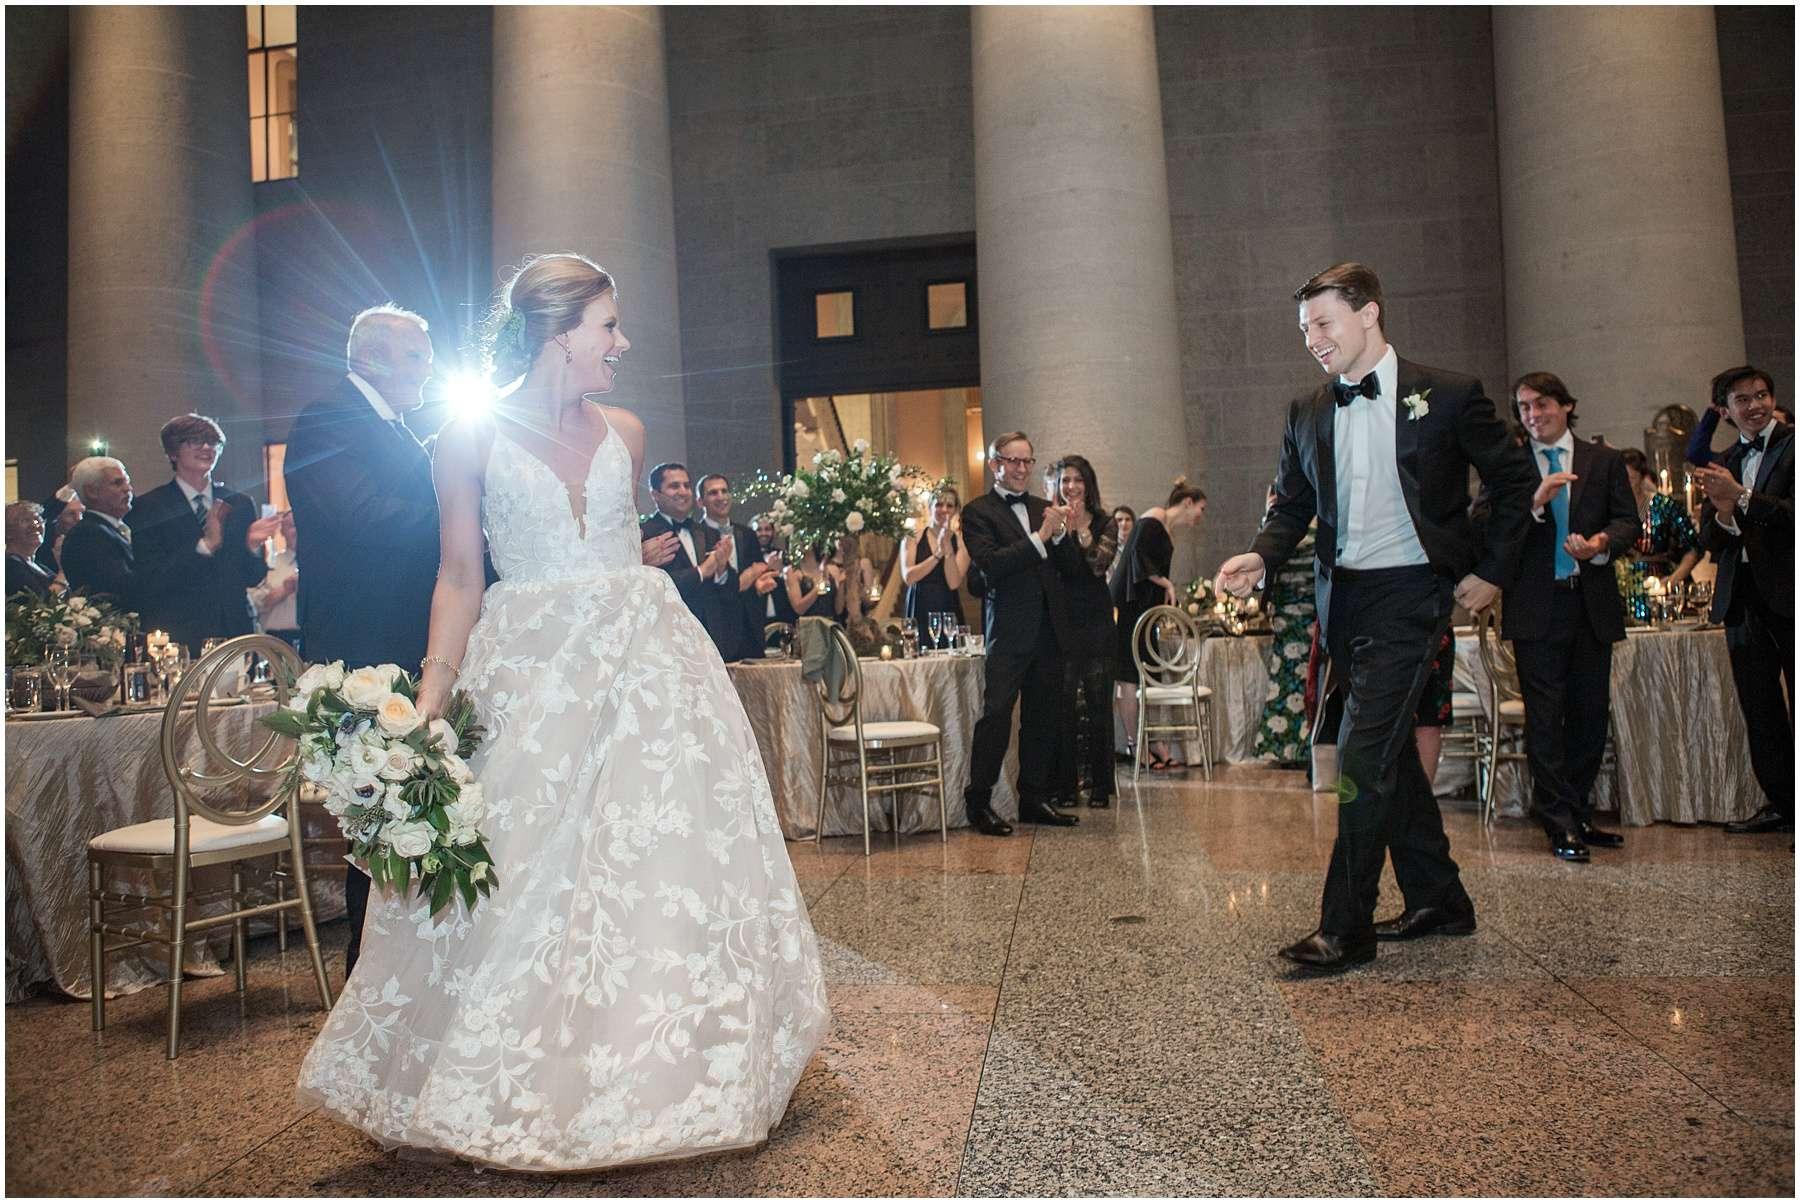 Wedding at the Ohio Statehouse | Columbus Ohio Weddings 204